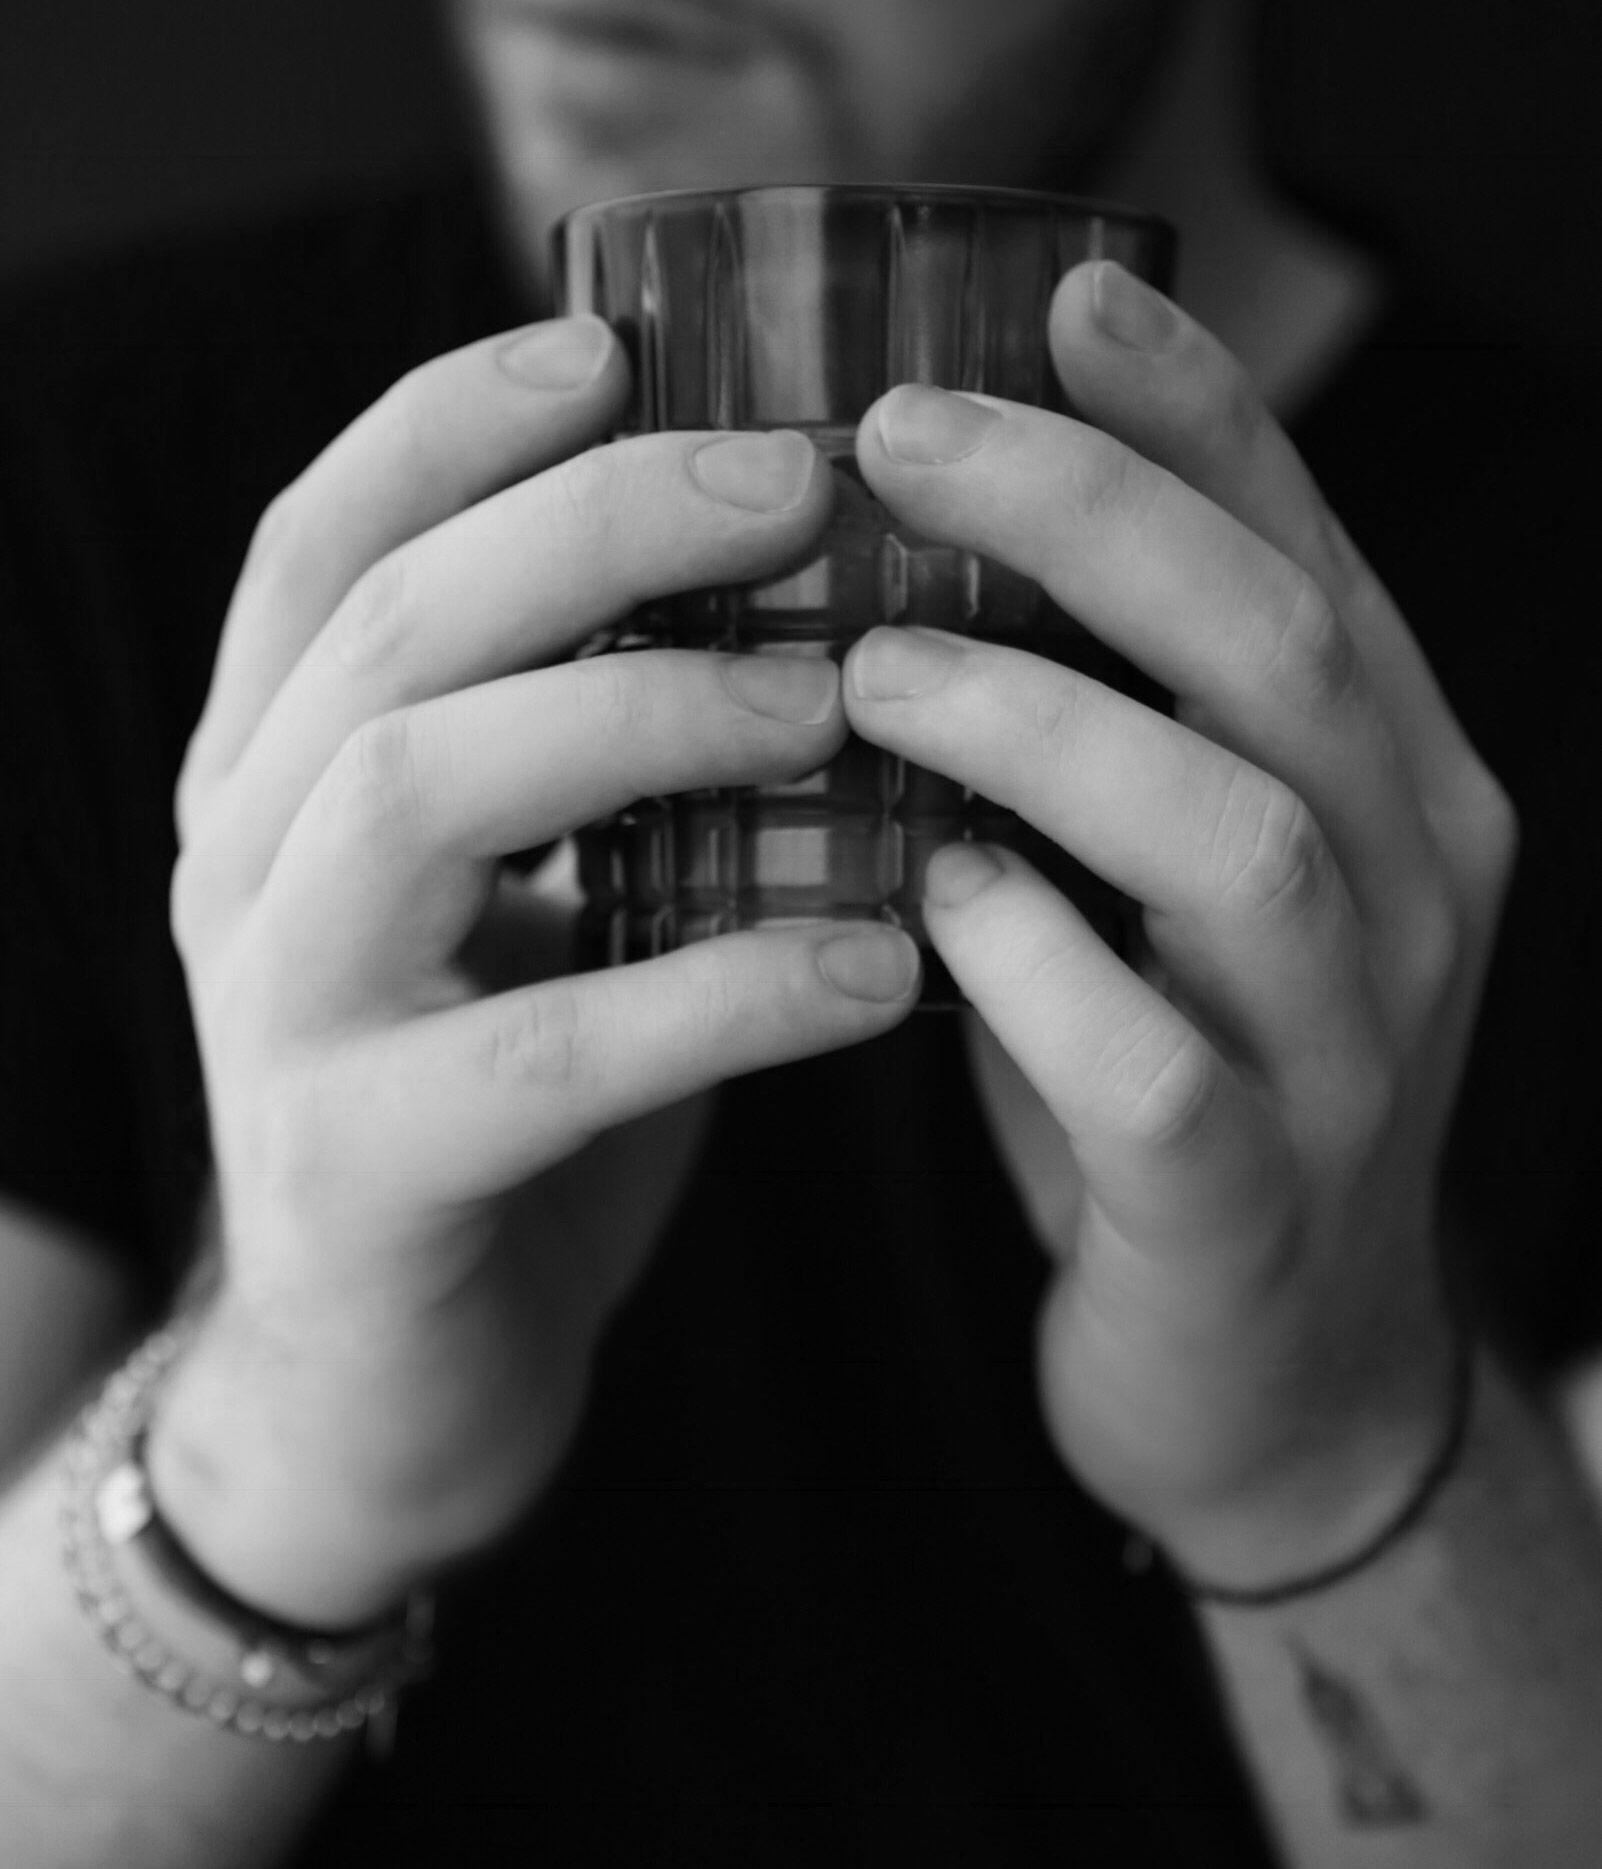 kaffee braucht keinen dresscode